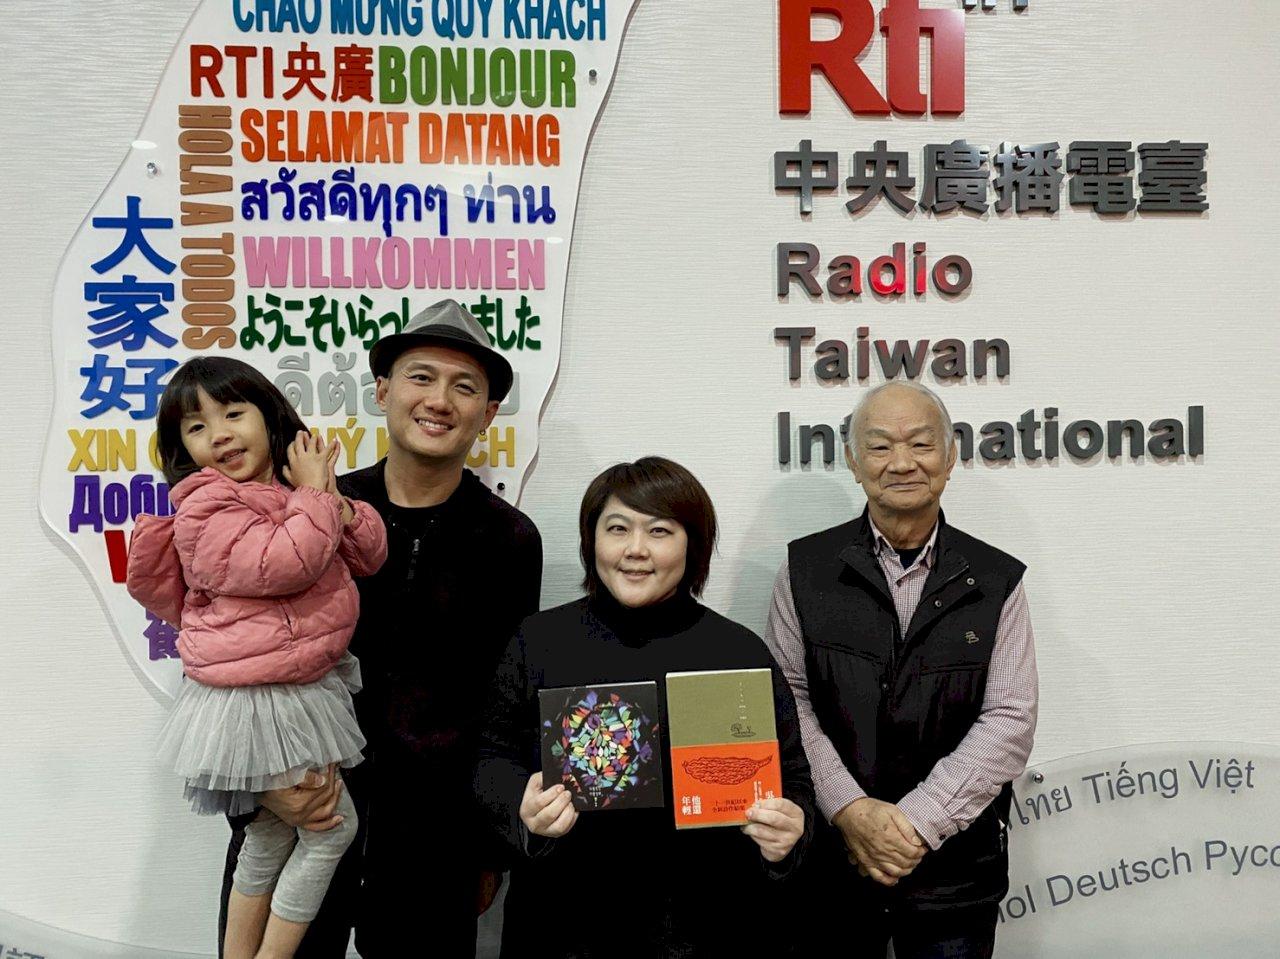 以詩入歌-詩人吳晟與歌手兒子吳志寧的創作樂聲